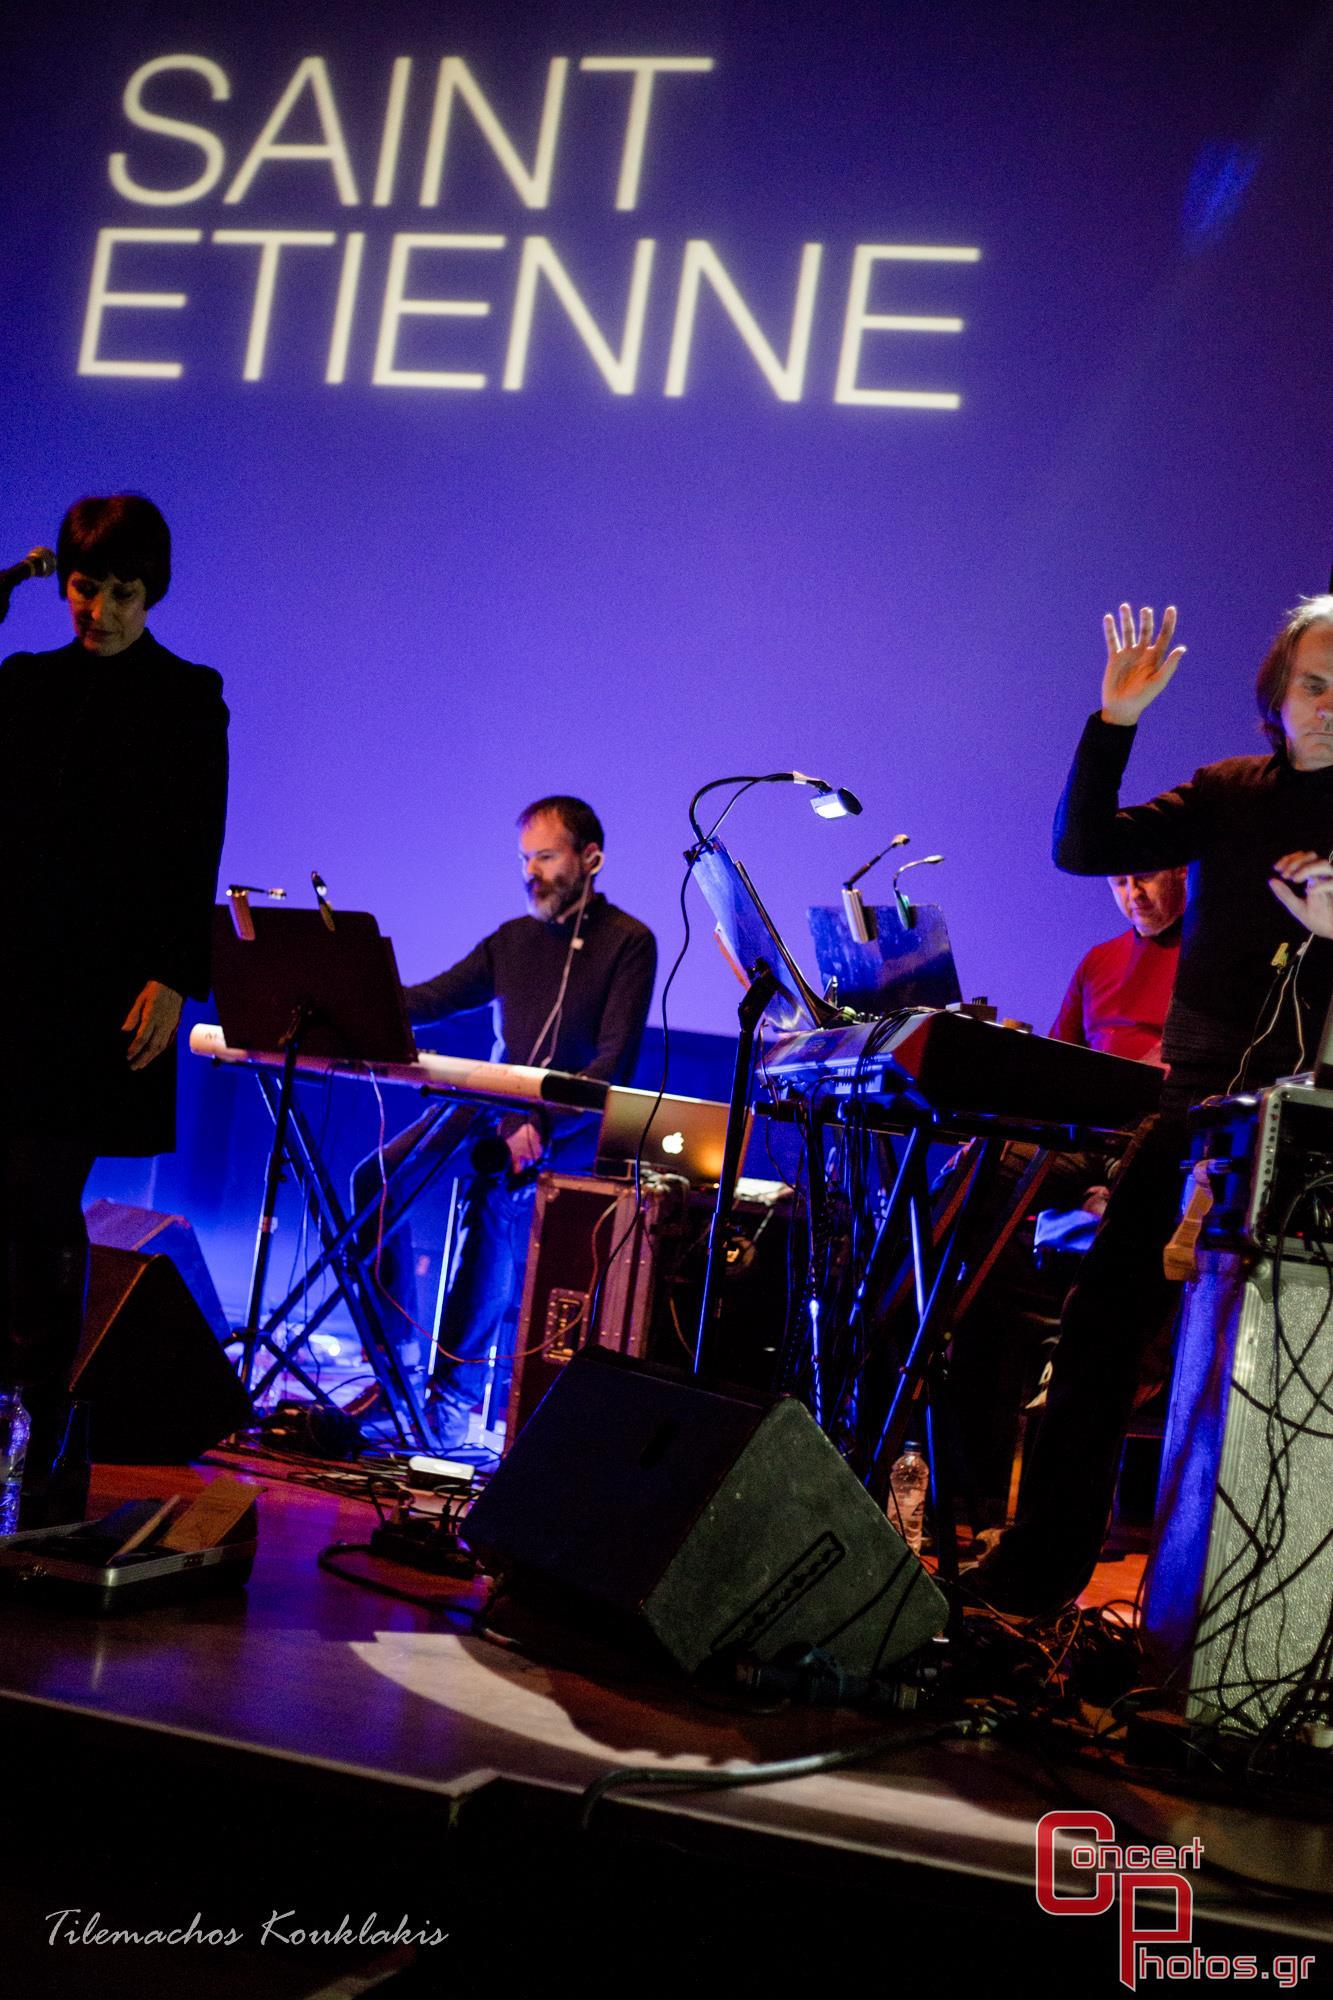 SAINT ETIENNE Fuzz club Athens-SAINT ETIENNE Fuzz club Athens photographer:  - 4L6A8943